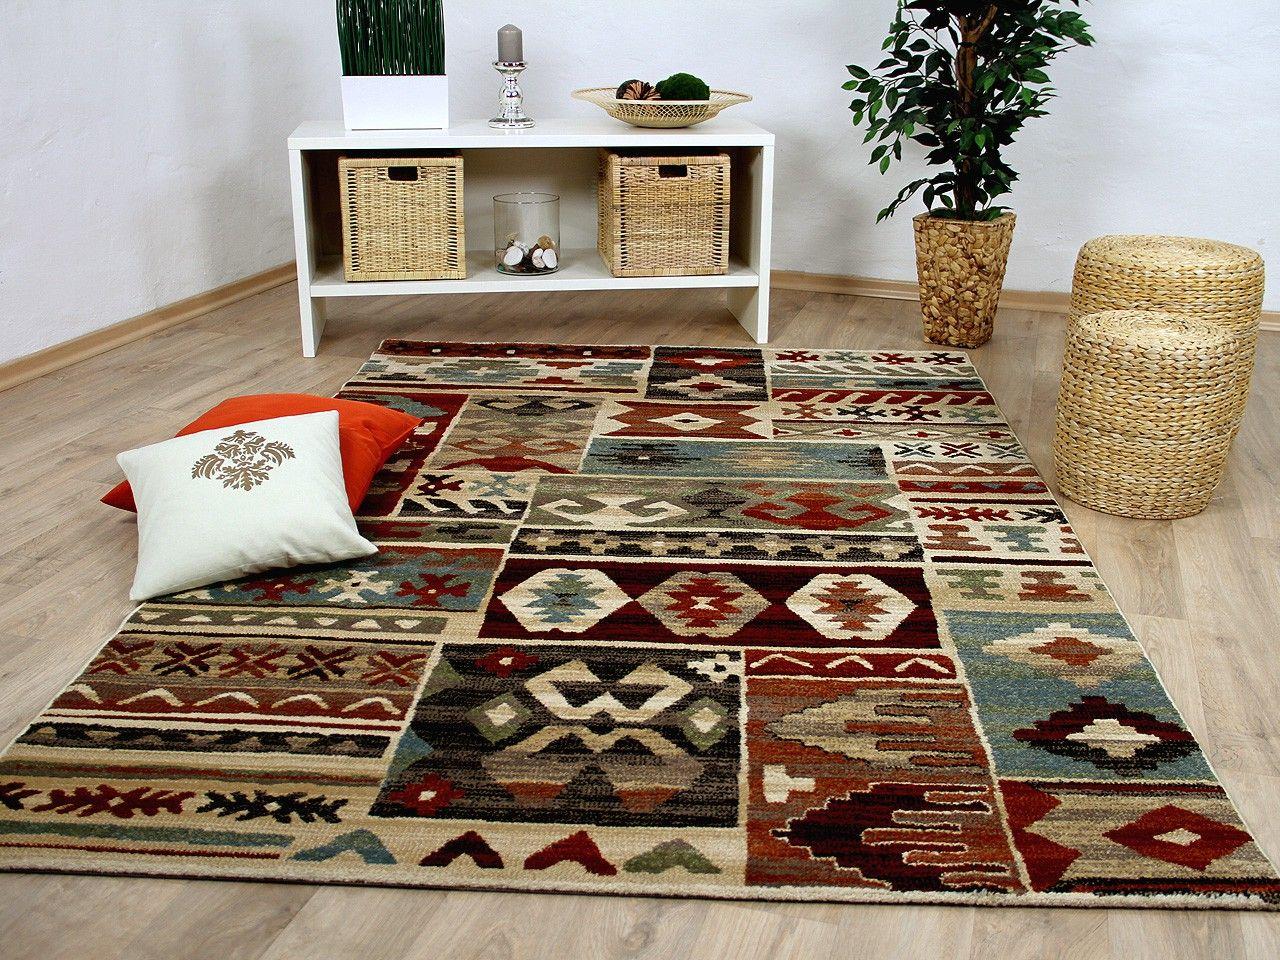 Designer Teppich Sevilla Klassik Ethno Bunt Teppiche Designerteppiche  Sevilla Teppiche